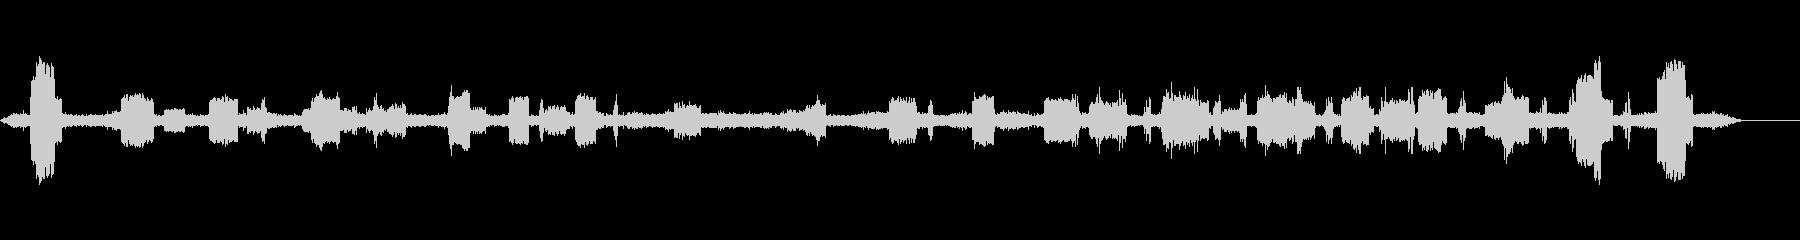 セミクリケット-昆虫4の未再生の波形